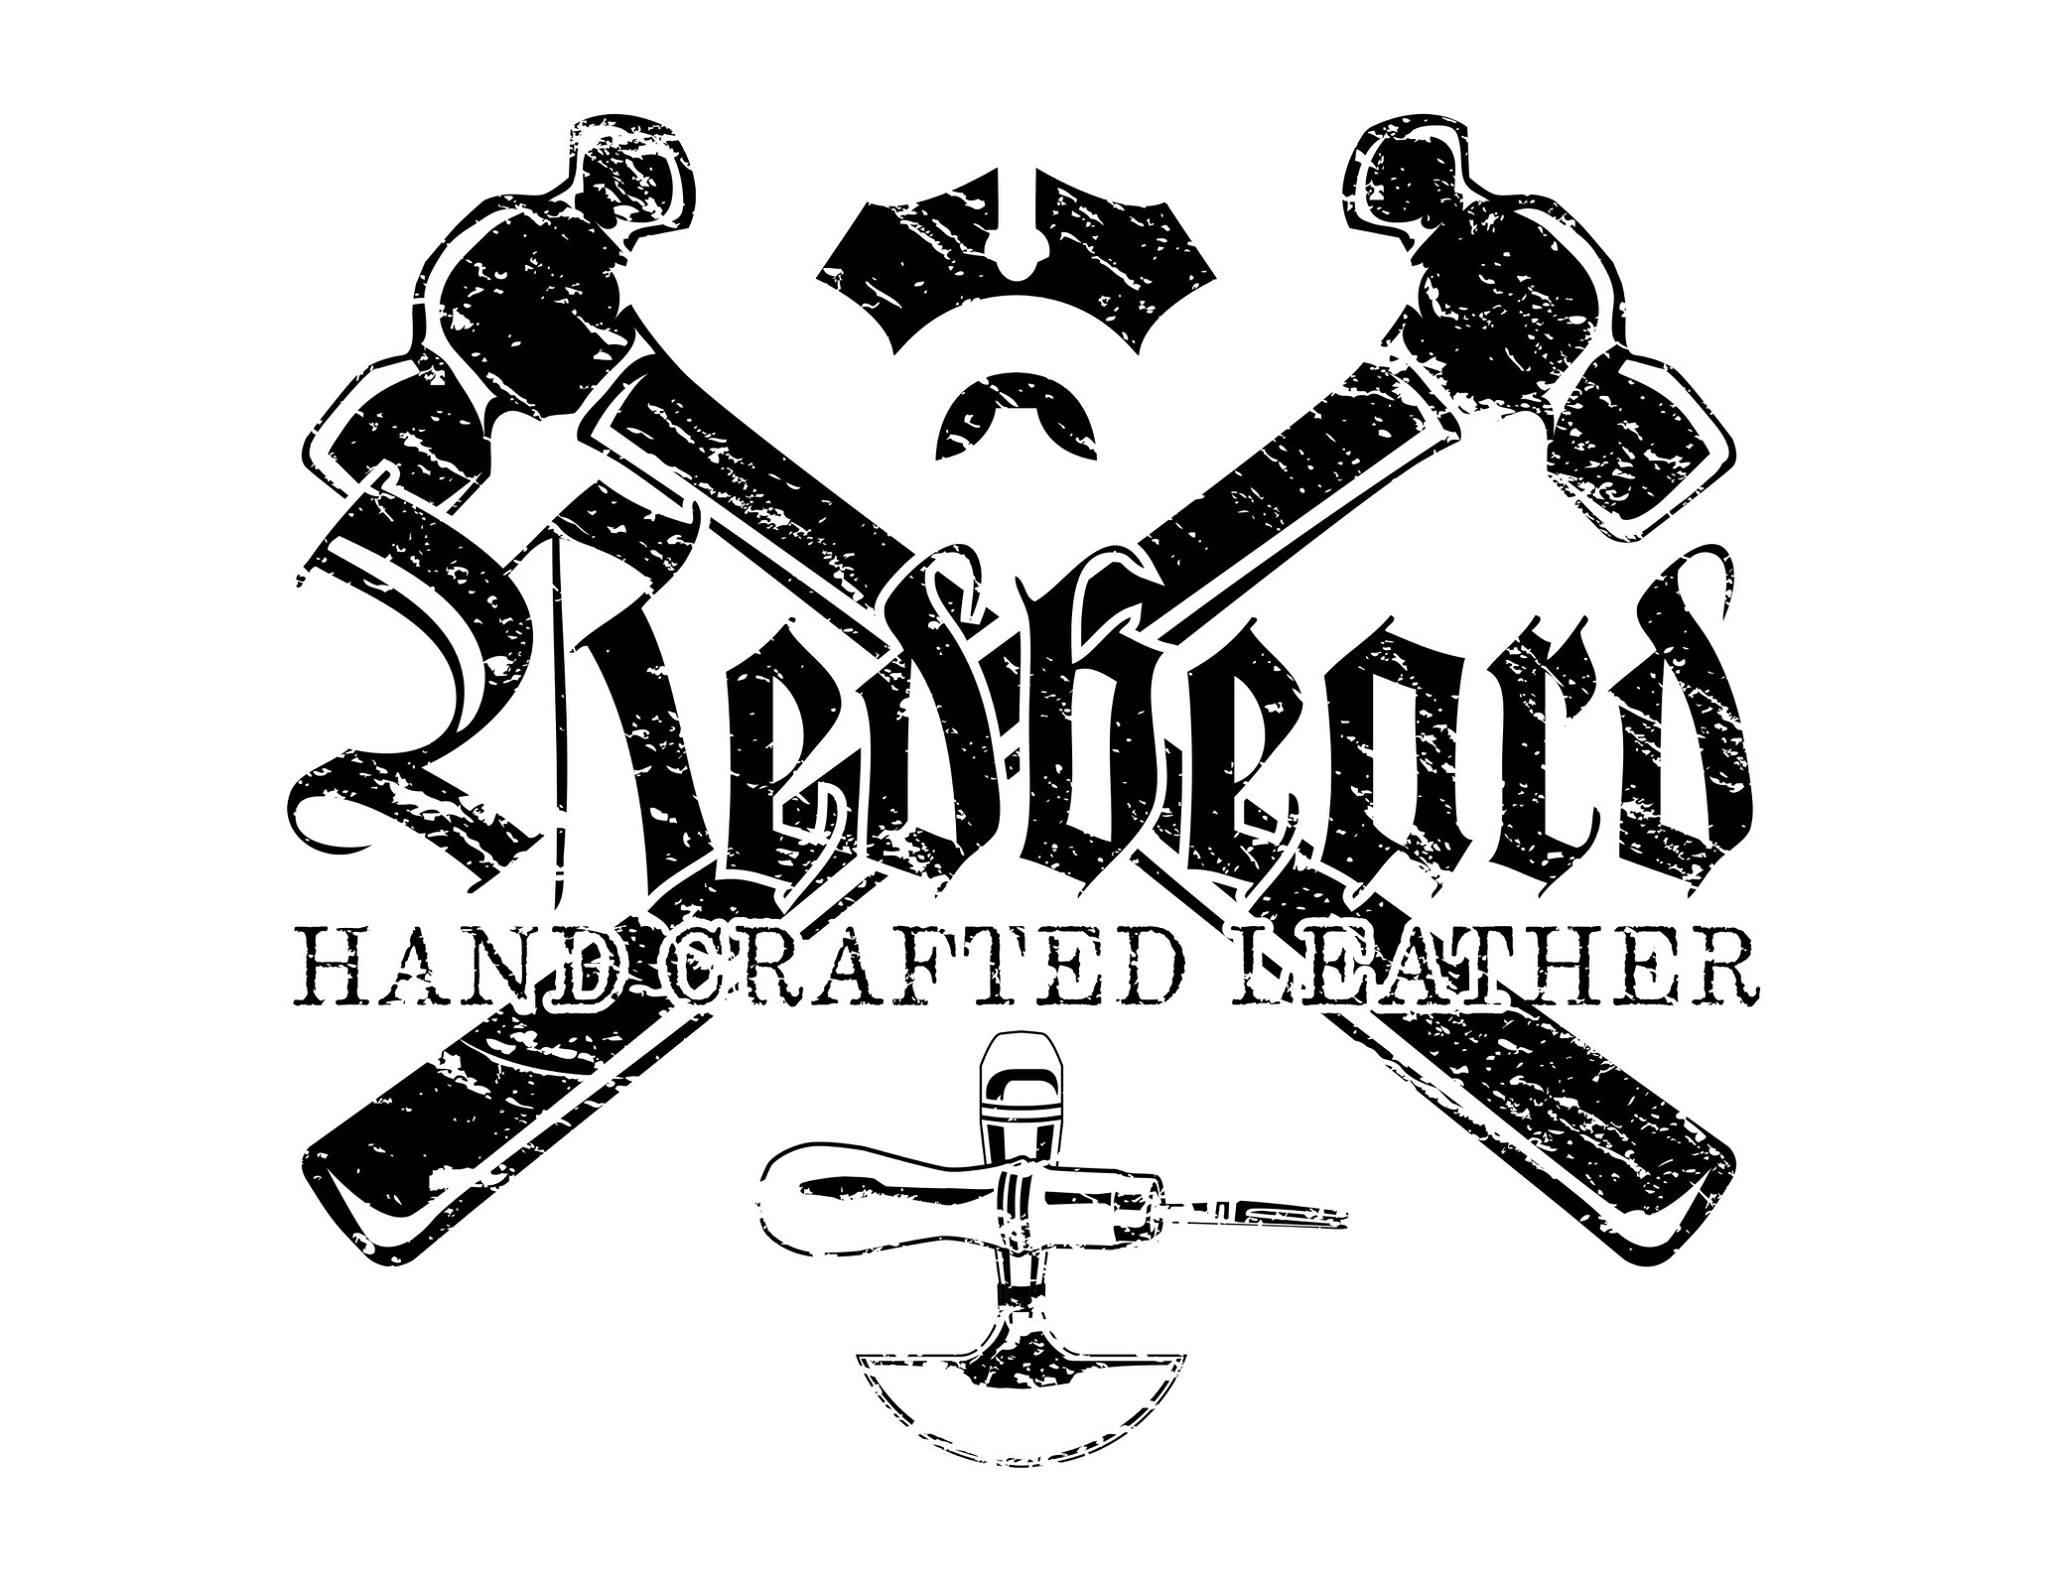 redbeard-logo.jpg